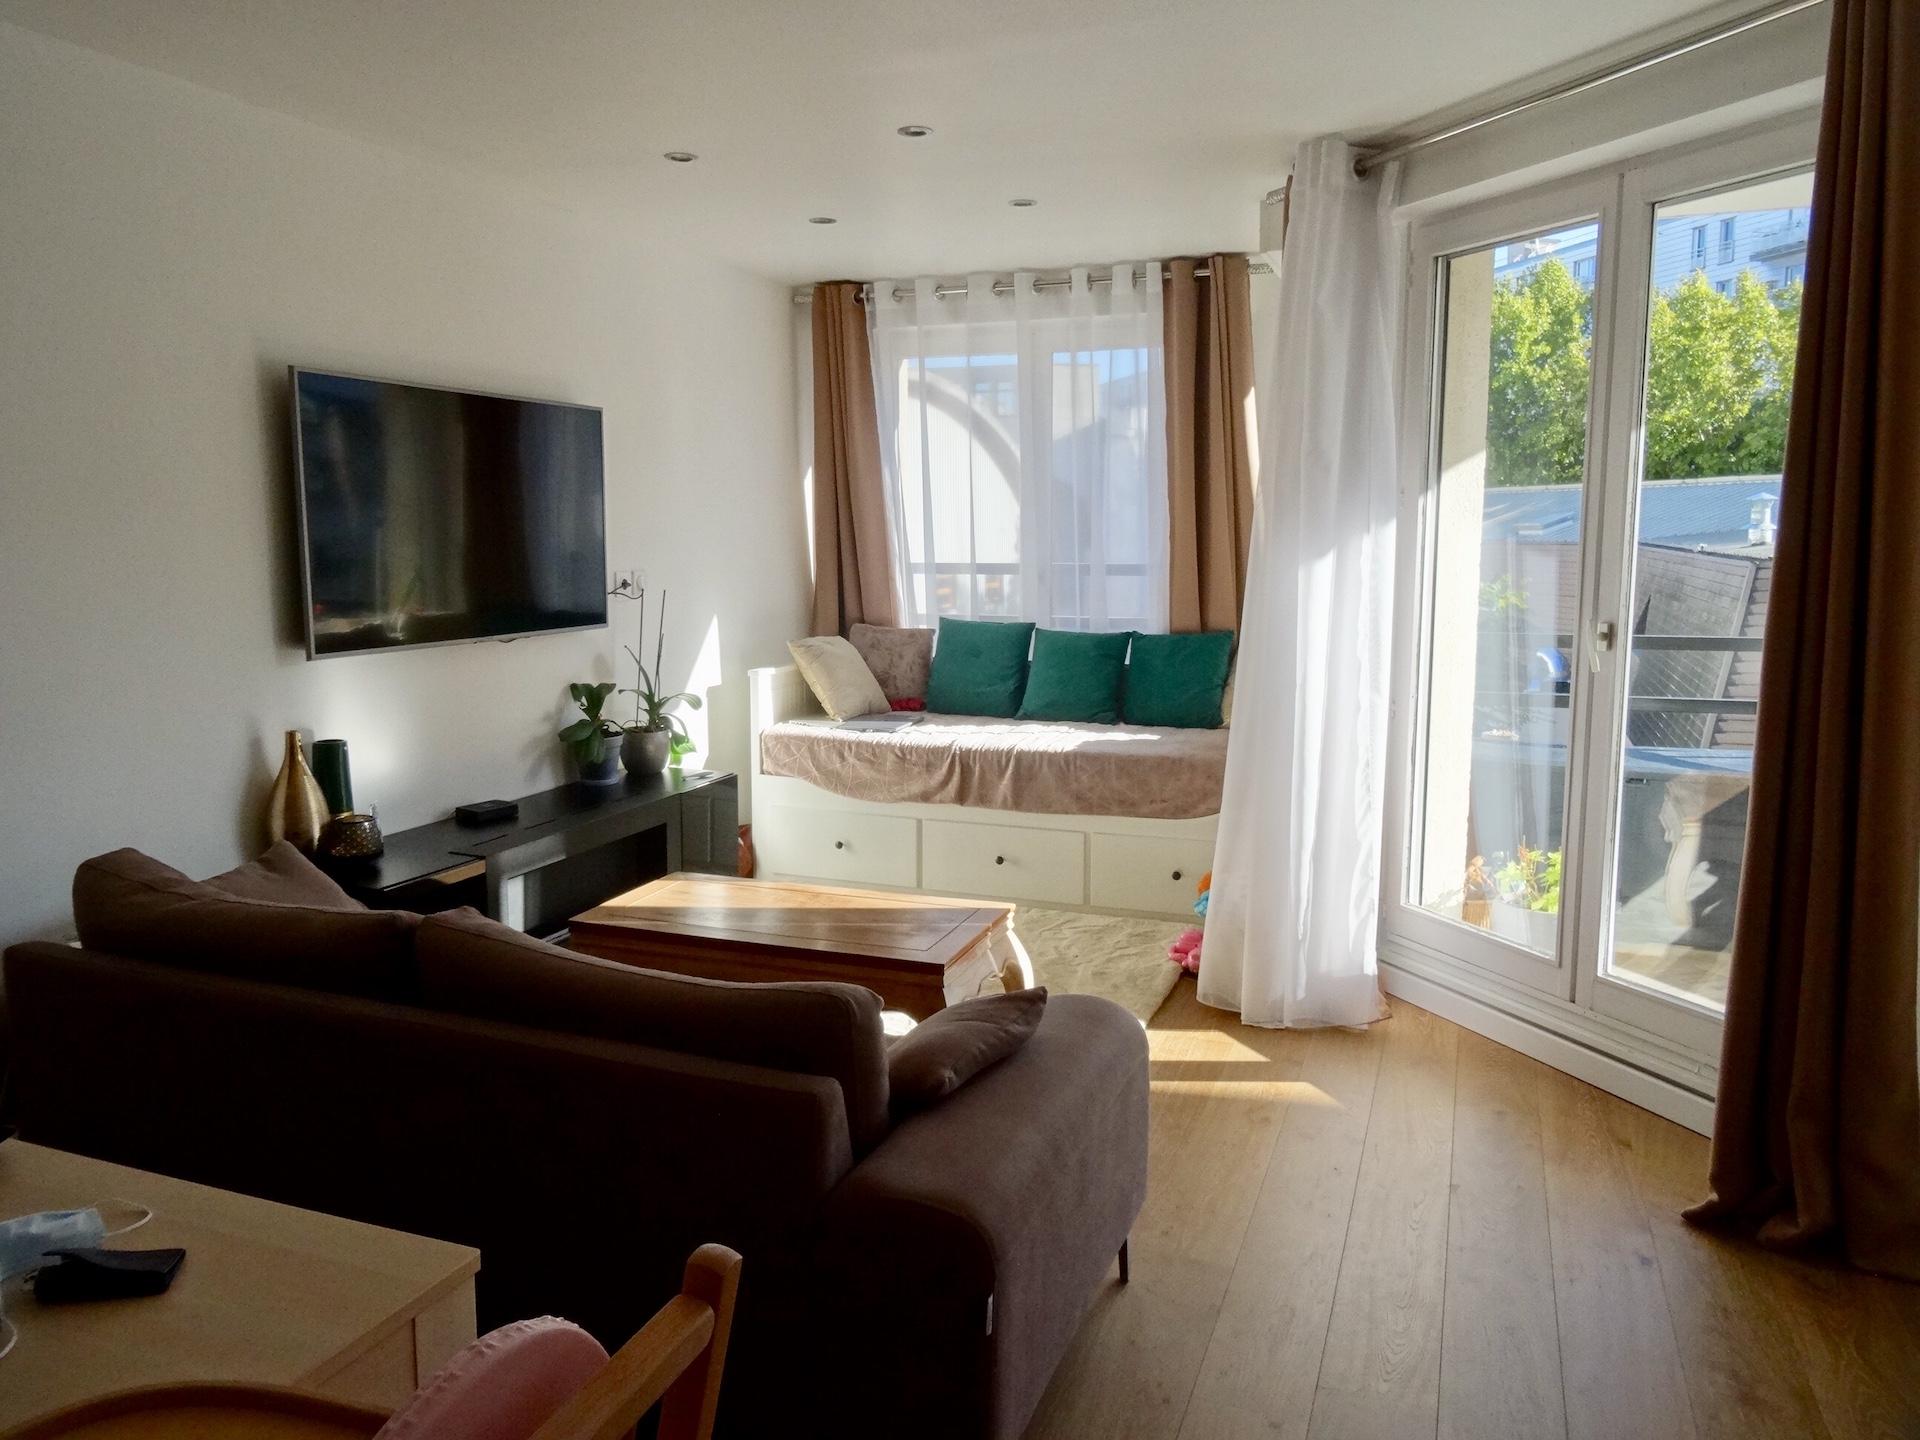 vente-appartement-3-pieces-boulogne-la-clef-des-villes-agence-immobiliere-salon